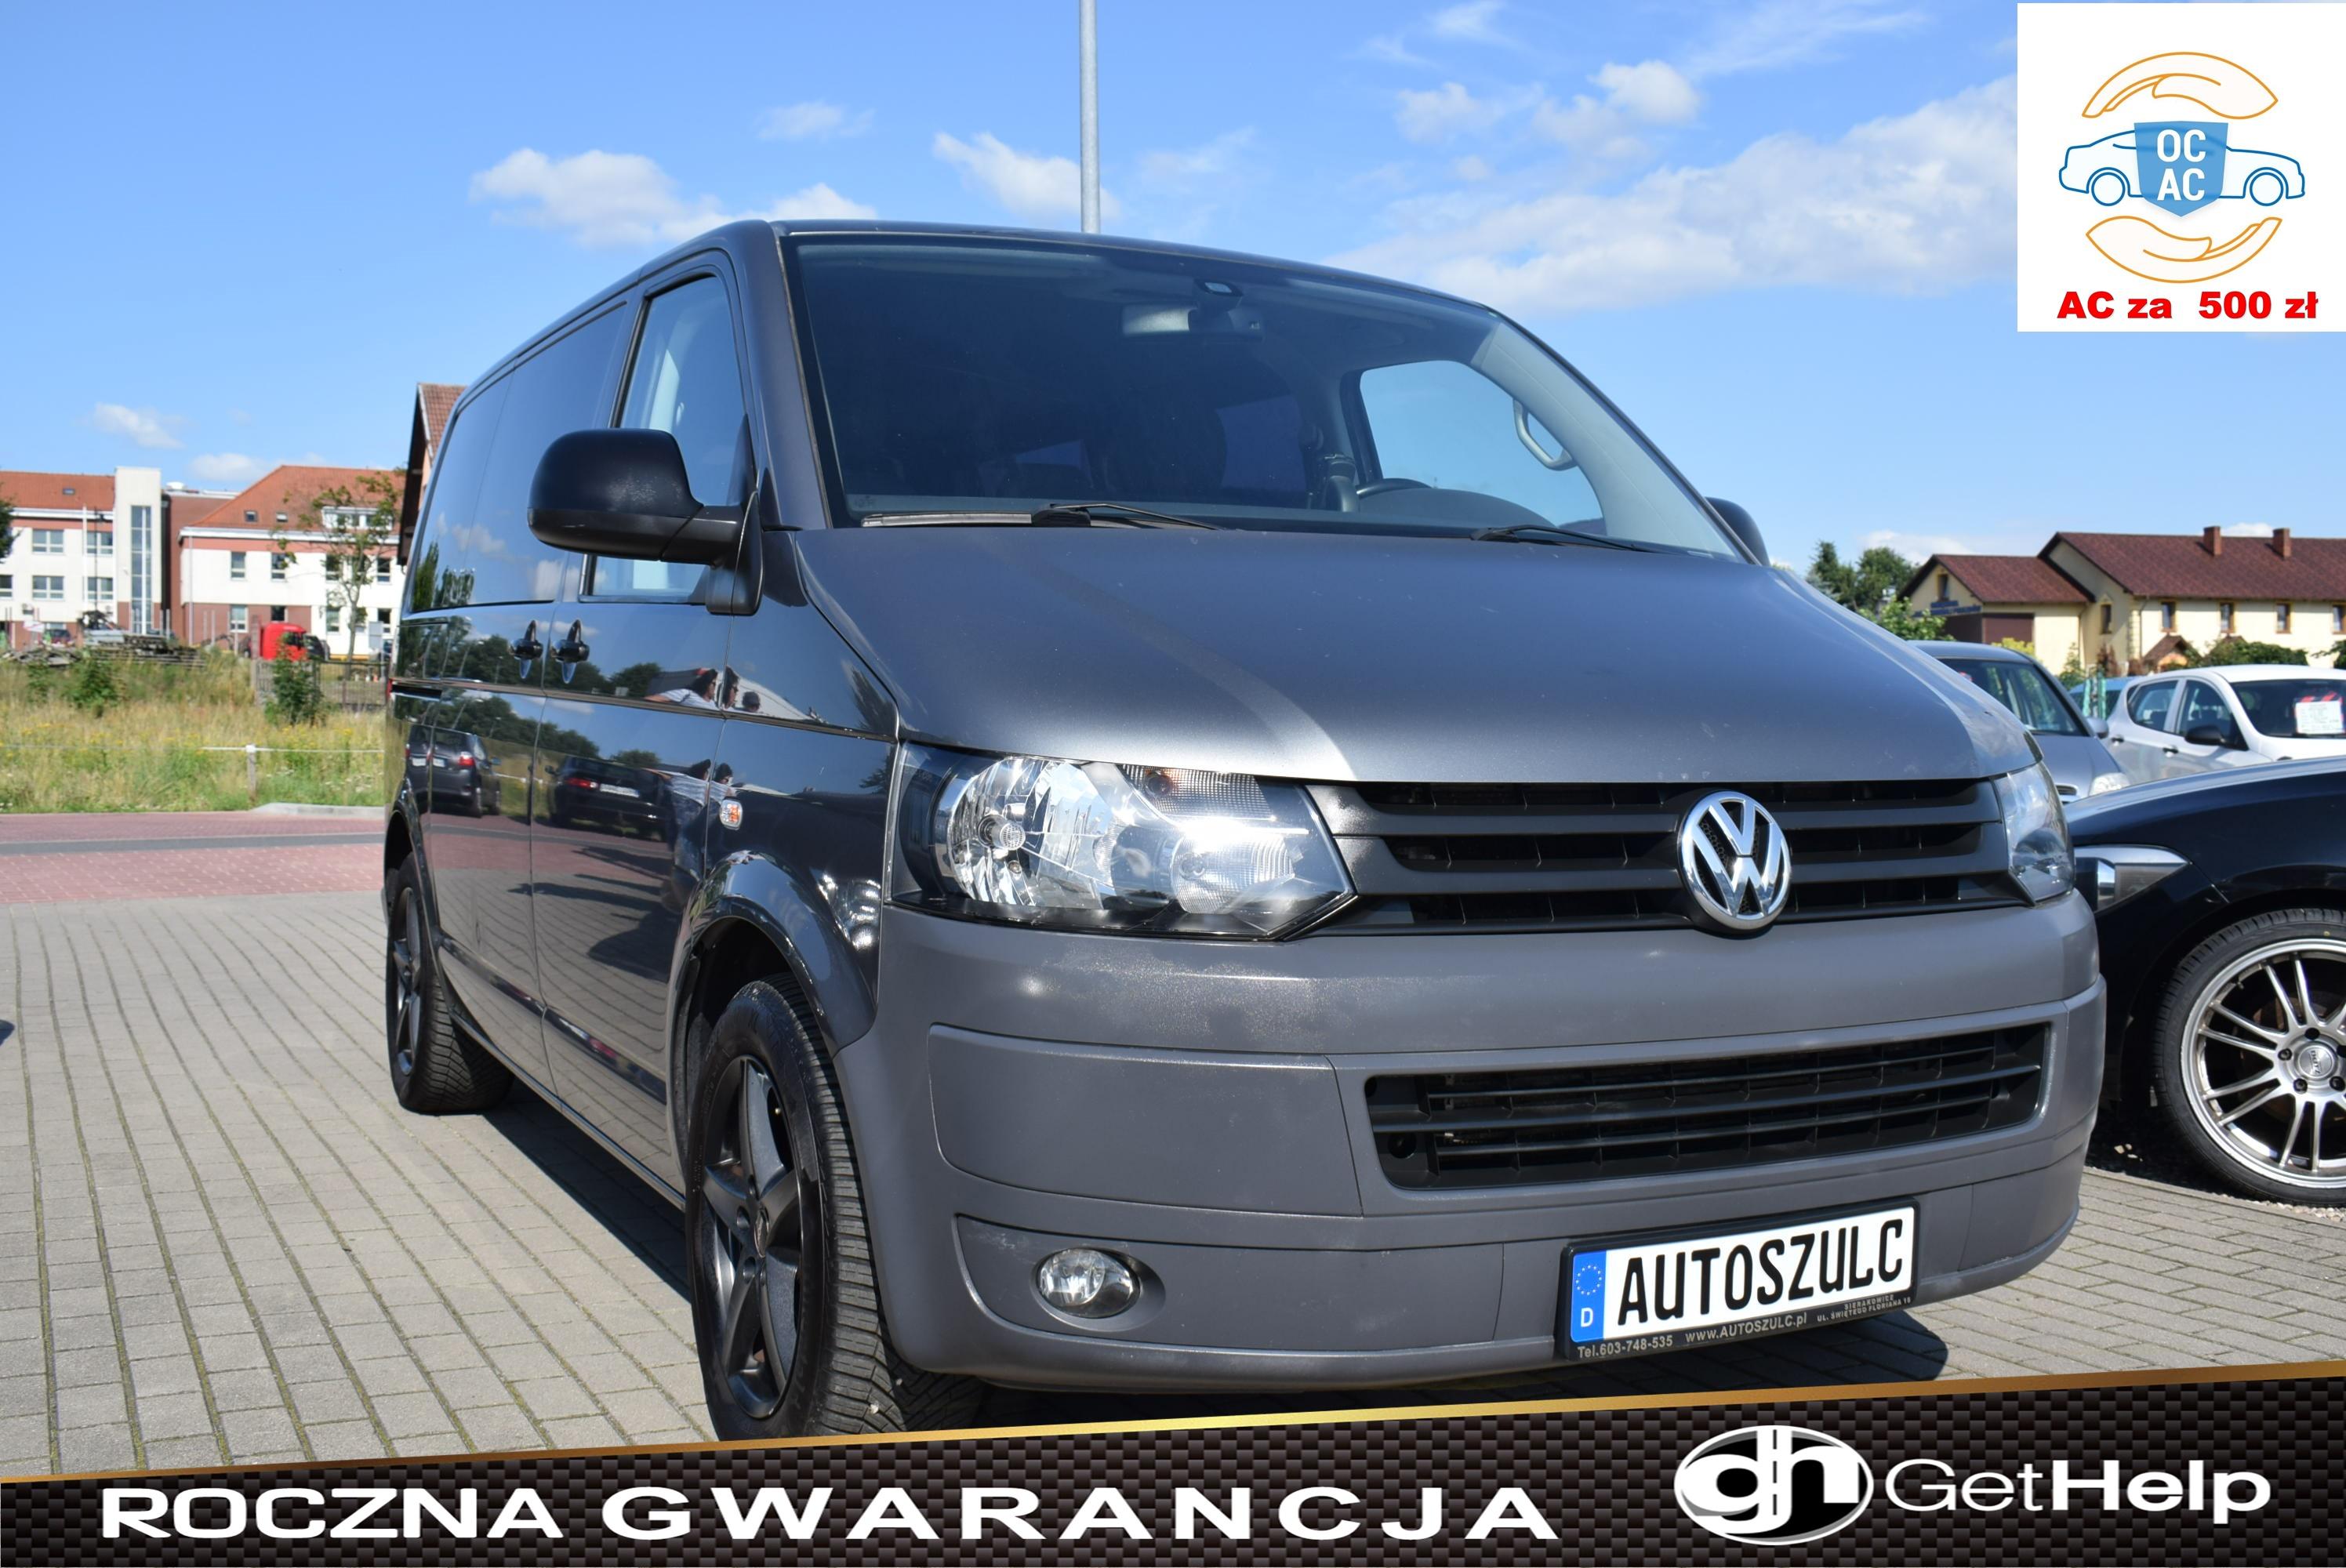 VW Transporter T5 LIFT 2.0 TDI 180 PS, 9-Osobowy, Z Niemiec, I-Właściciel, Klima, Tempomat, Wielofunkcyjna kierownica, Rok Gwarancji